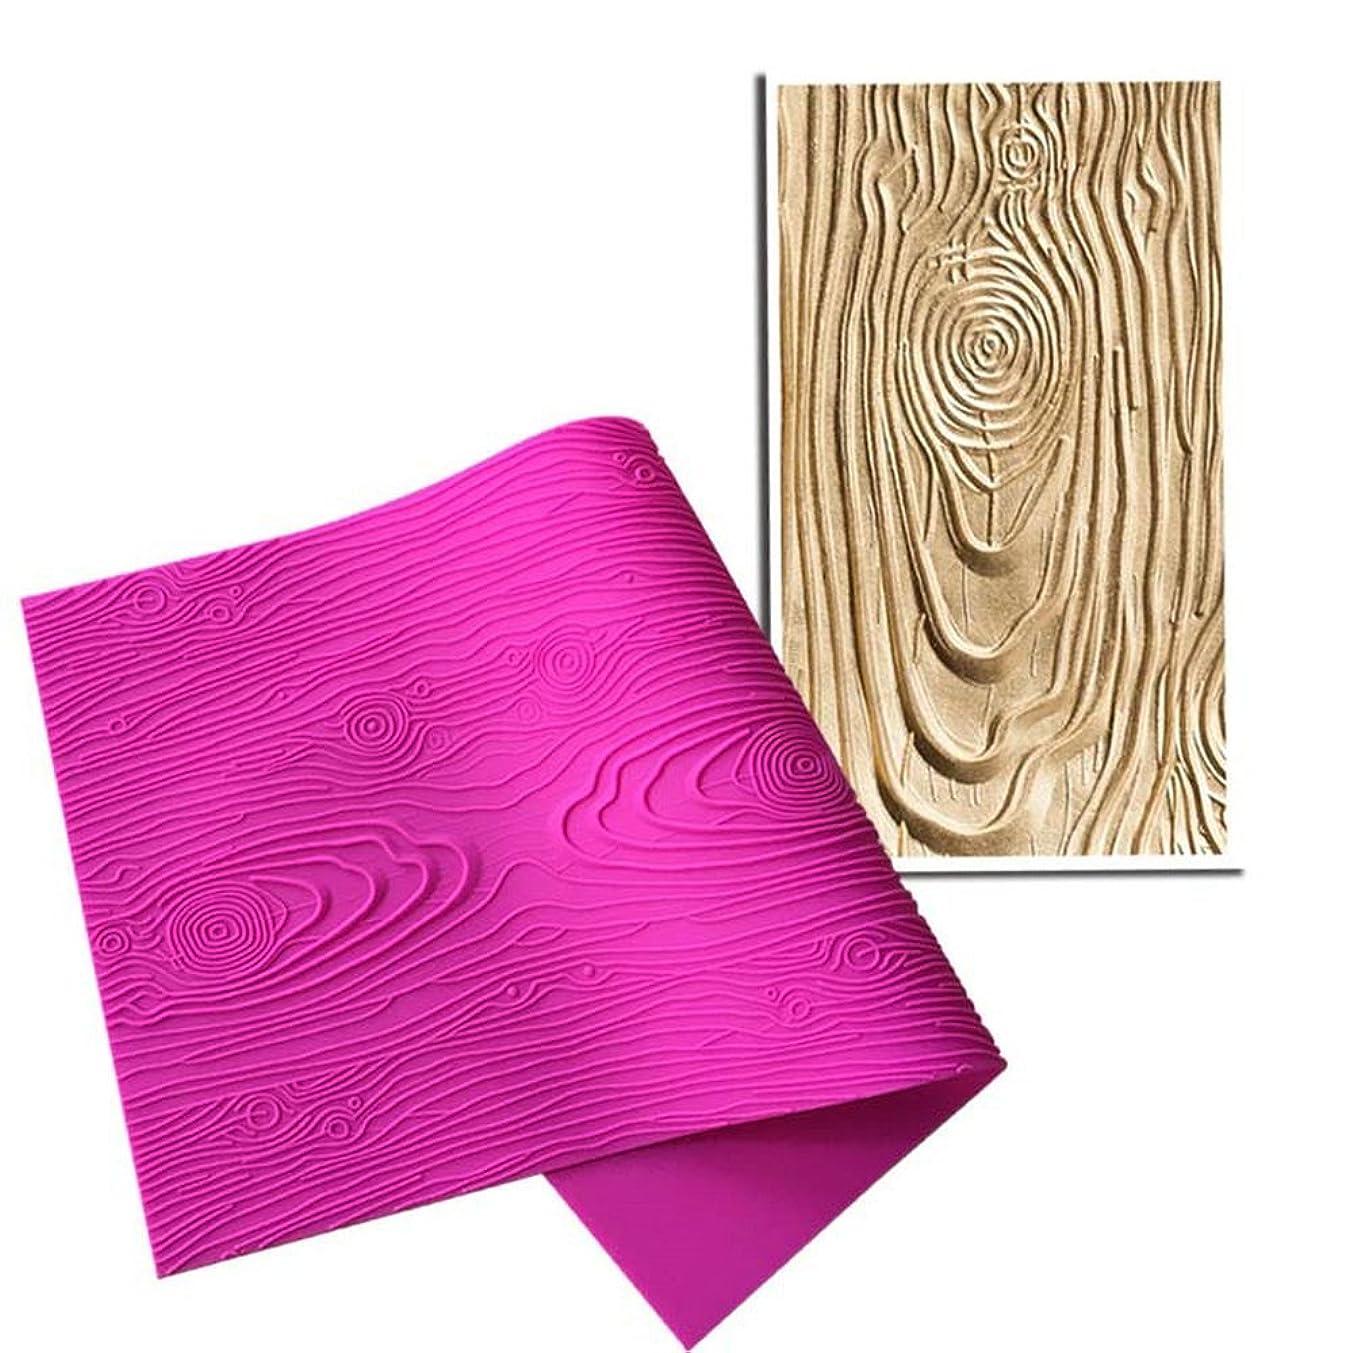 工夫するタンカー簡単にART Kitchenware Woodgrain Fondant Impression Mat Silicone Cake Lace Mold Color Pink BLM-23 by Art Kitchenware